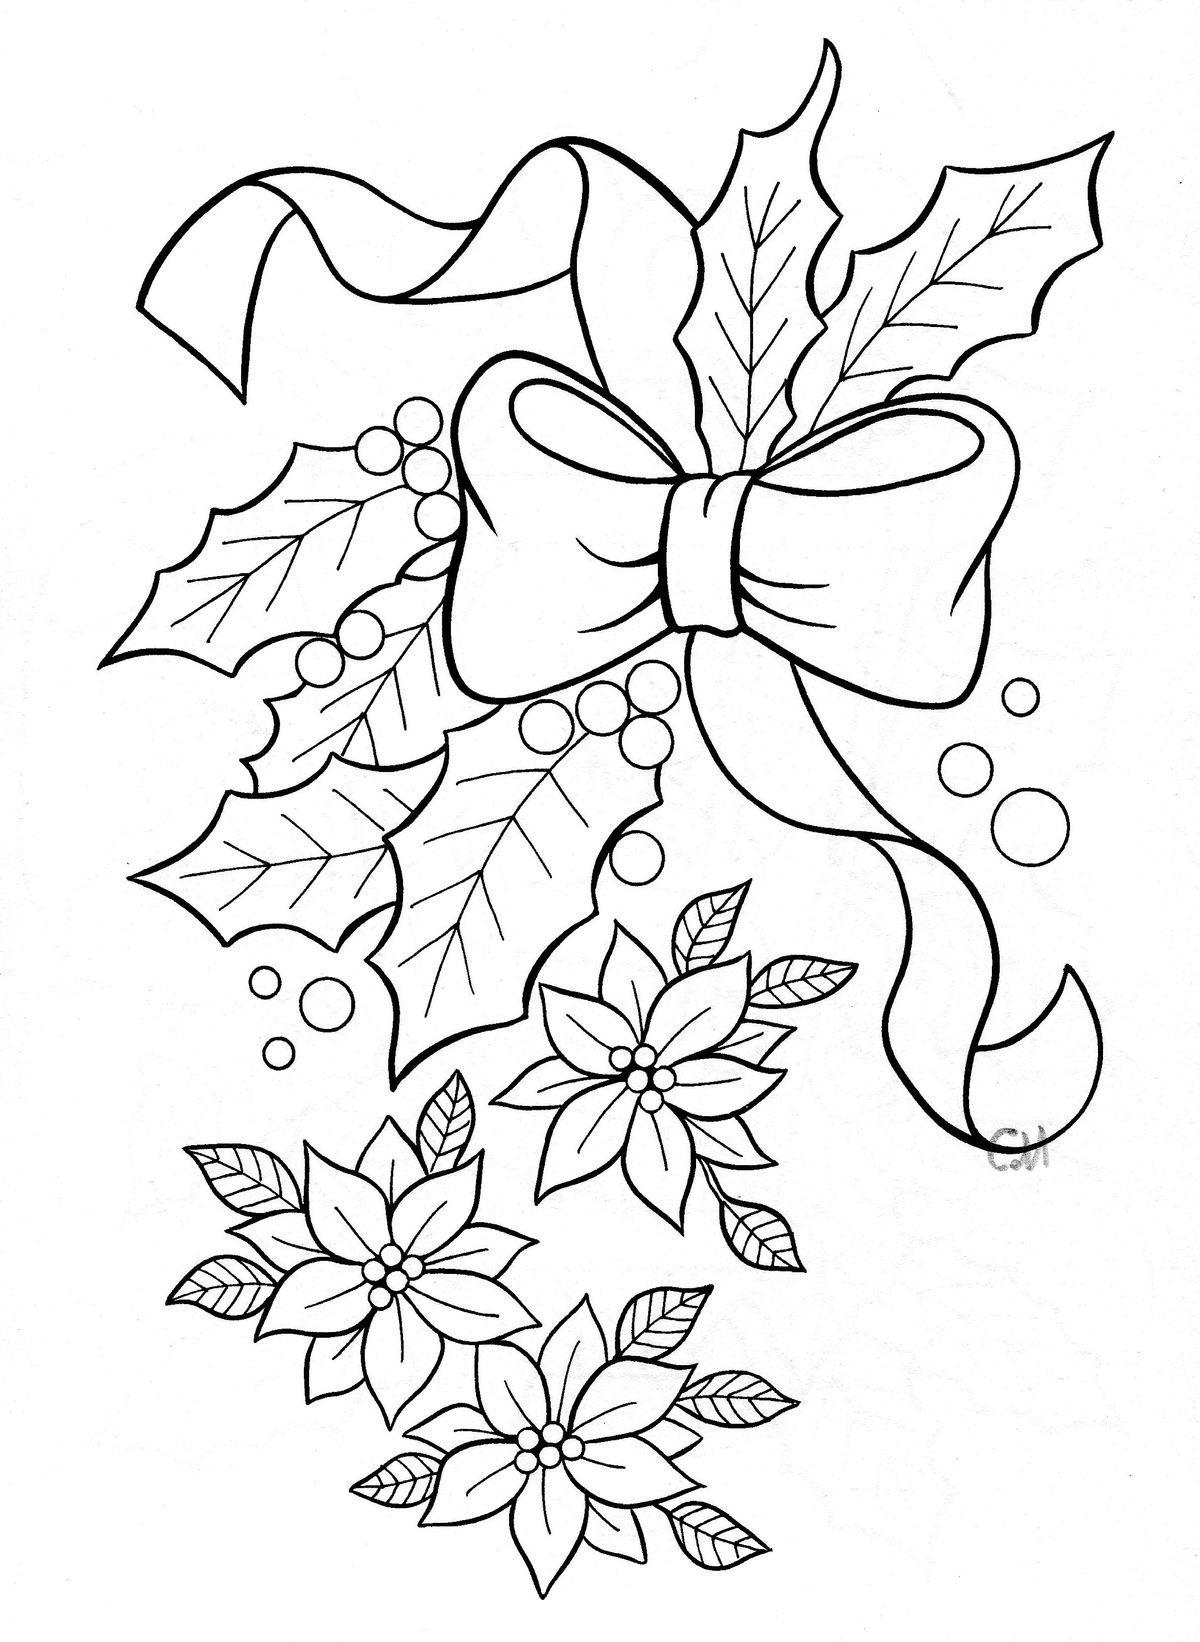 D3ea33d2d1f984a47b6110f61df66293 Jpg 1 200 1 642 Pixels Christmas Coloring Pages Coloring Pages Christmas Drawing